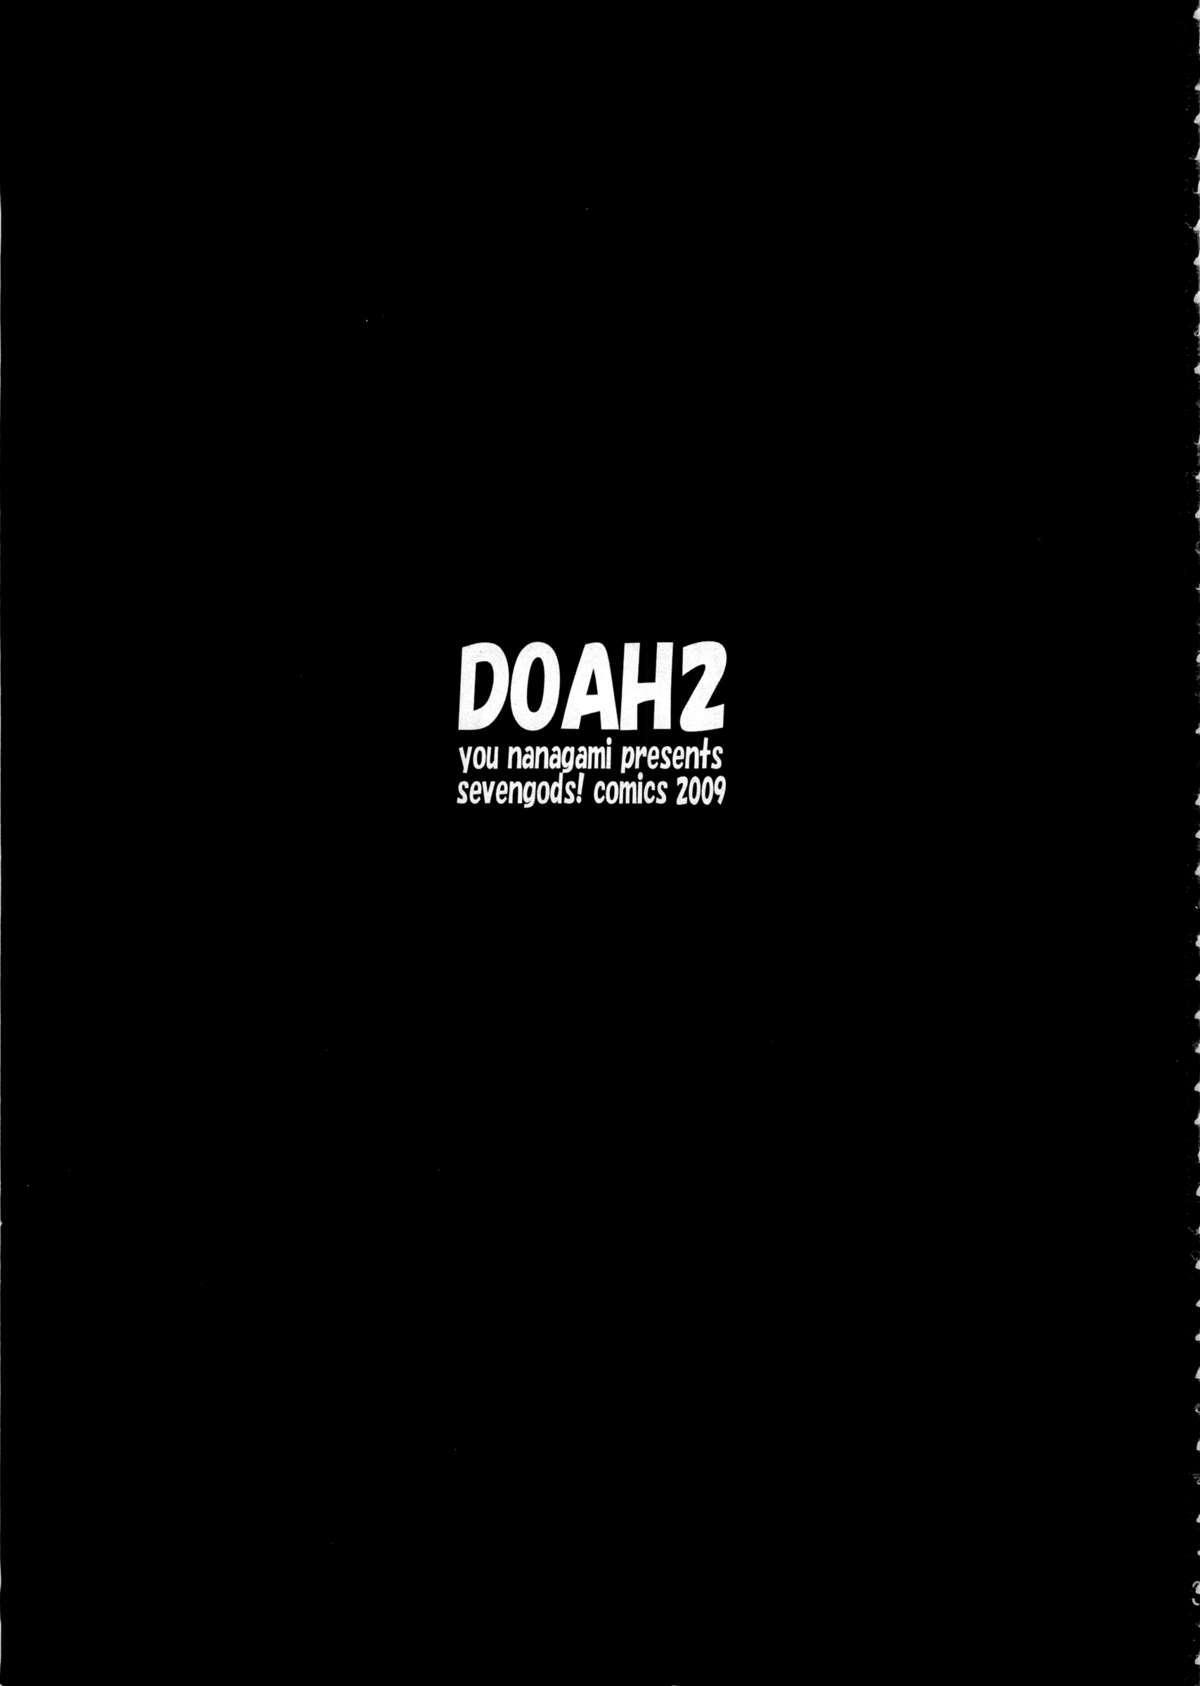 DOAH 2 3